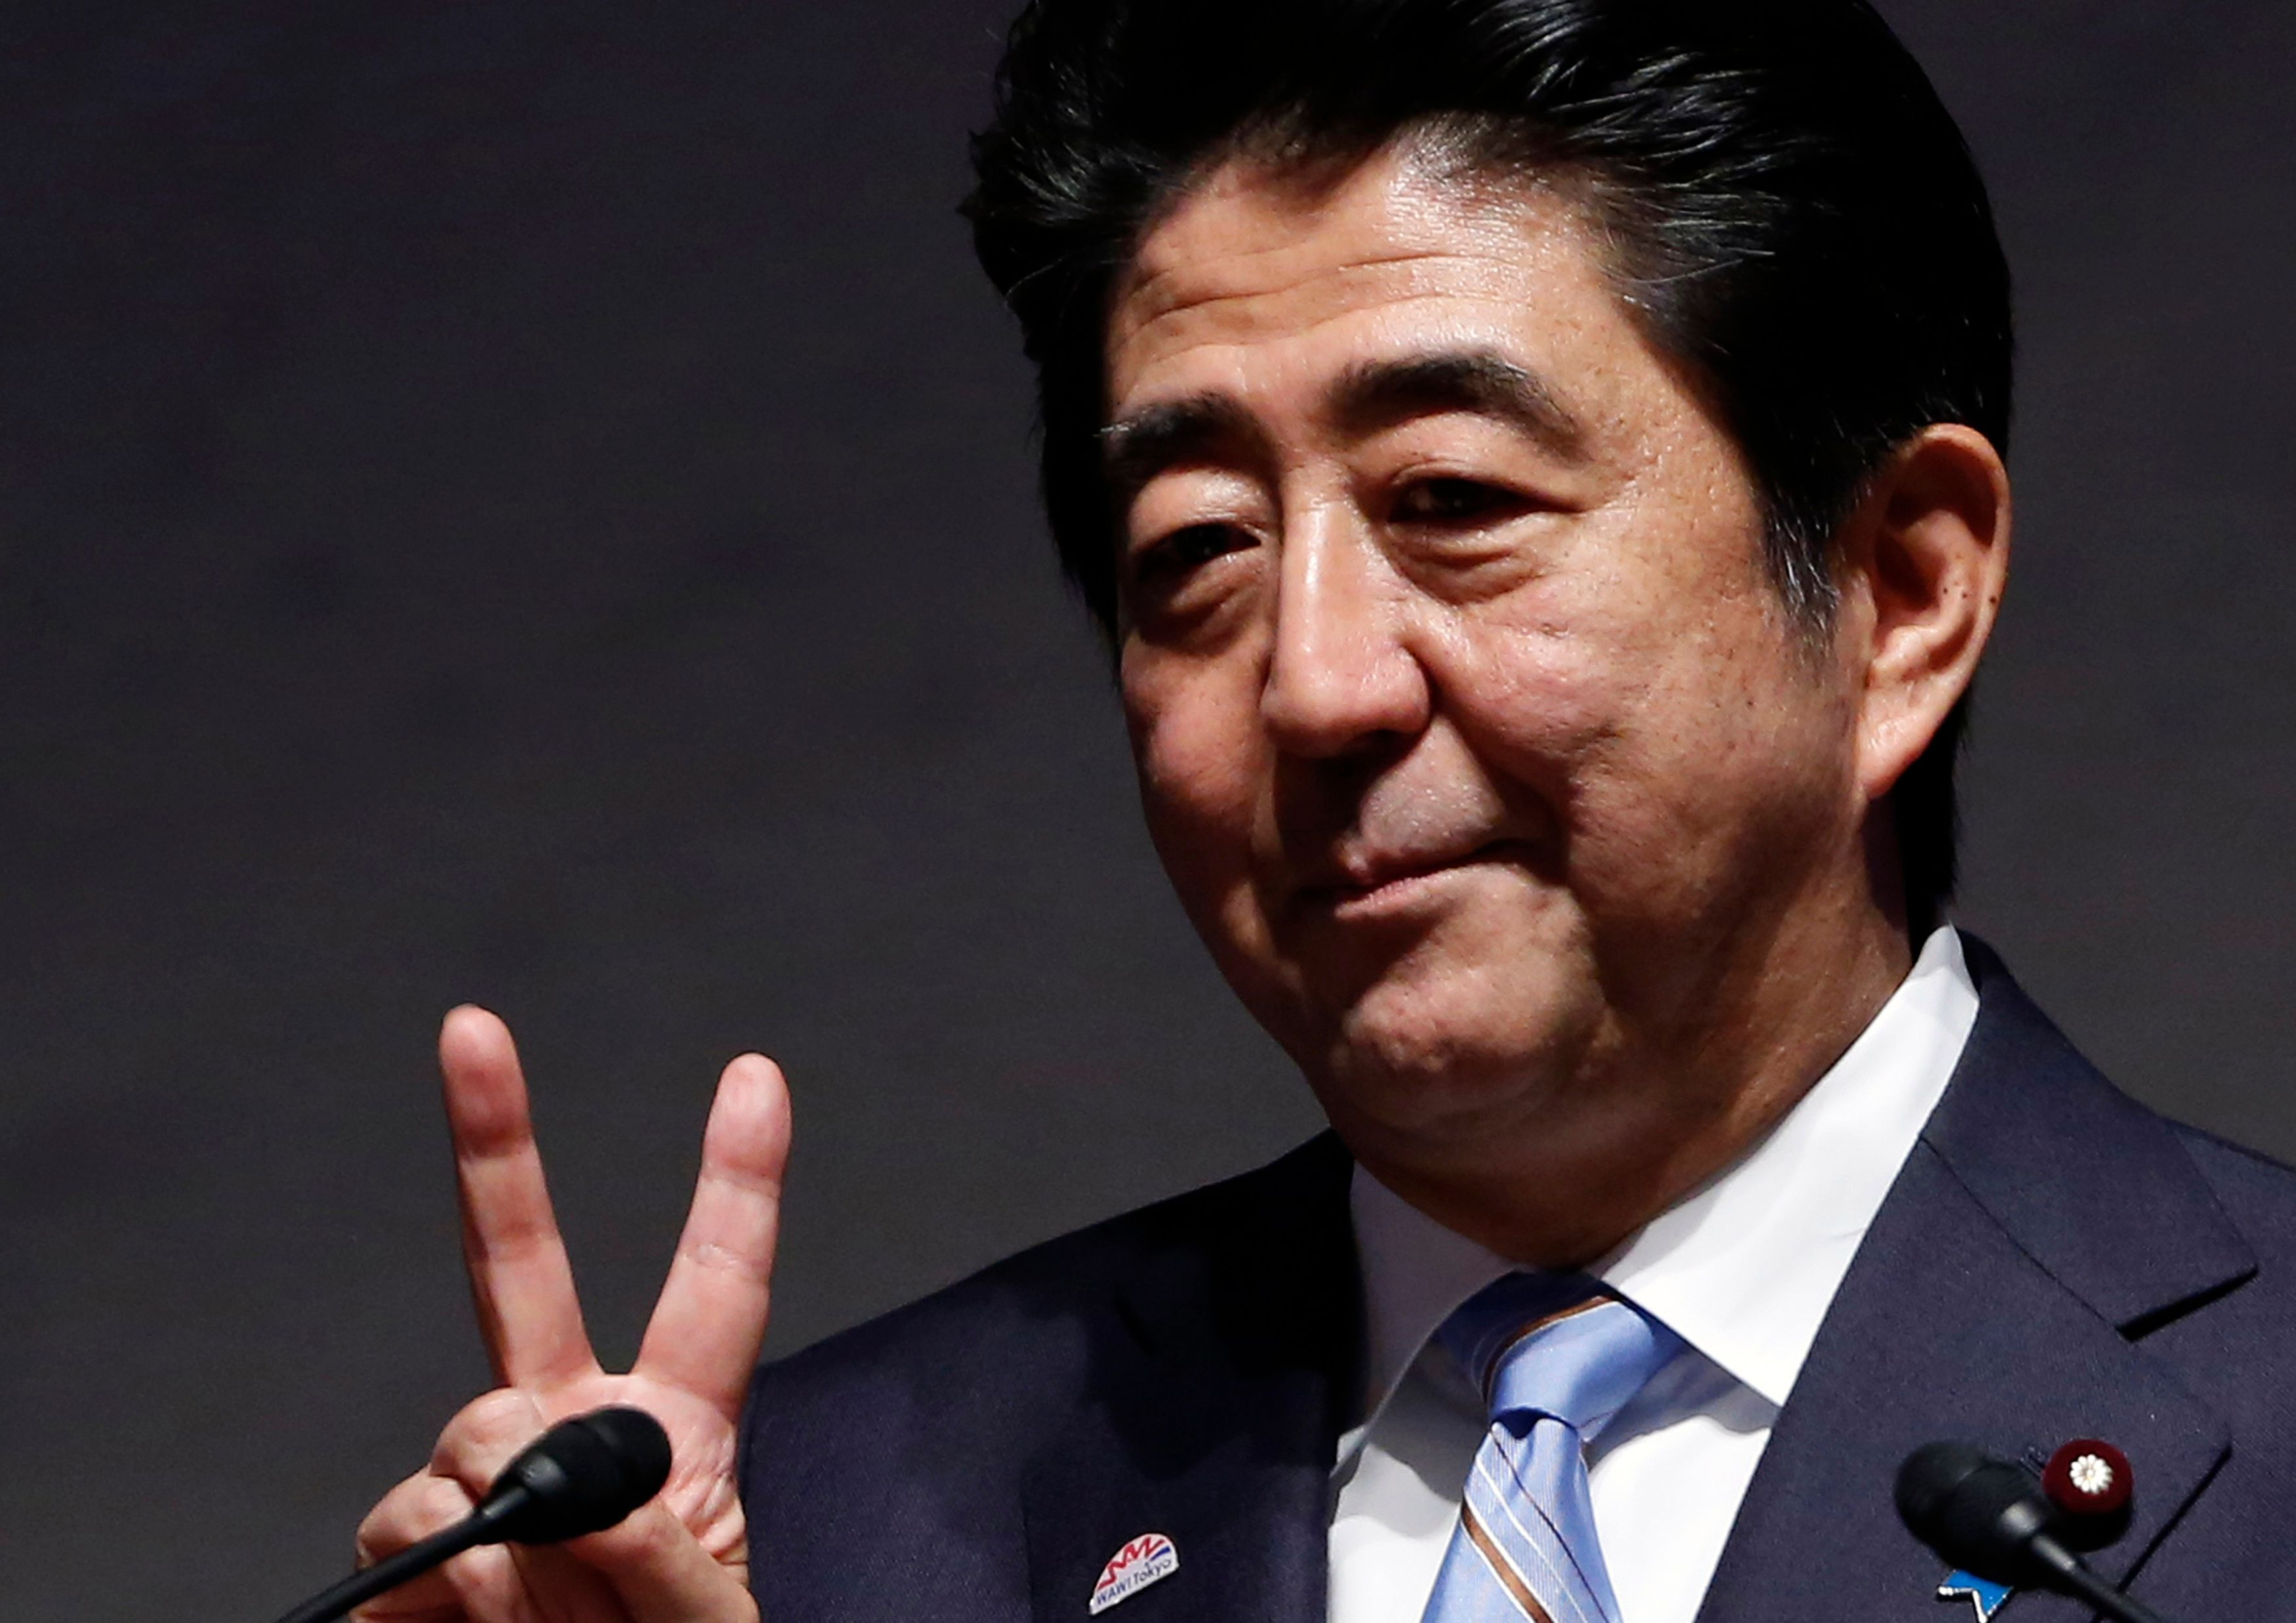 Shinzo Abe à Paris : pourquoi la politique économique menée au Japon devrait intéresser les candidats 2017